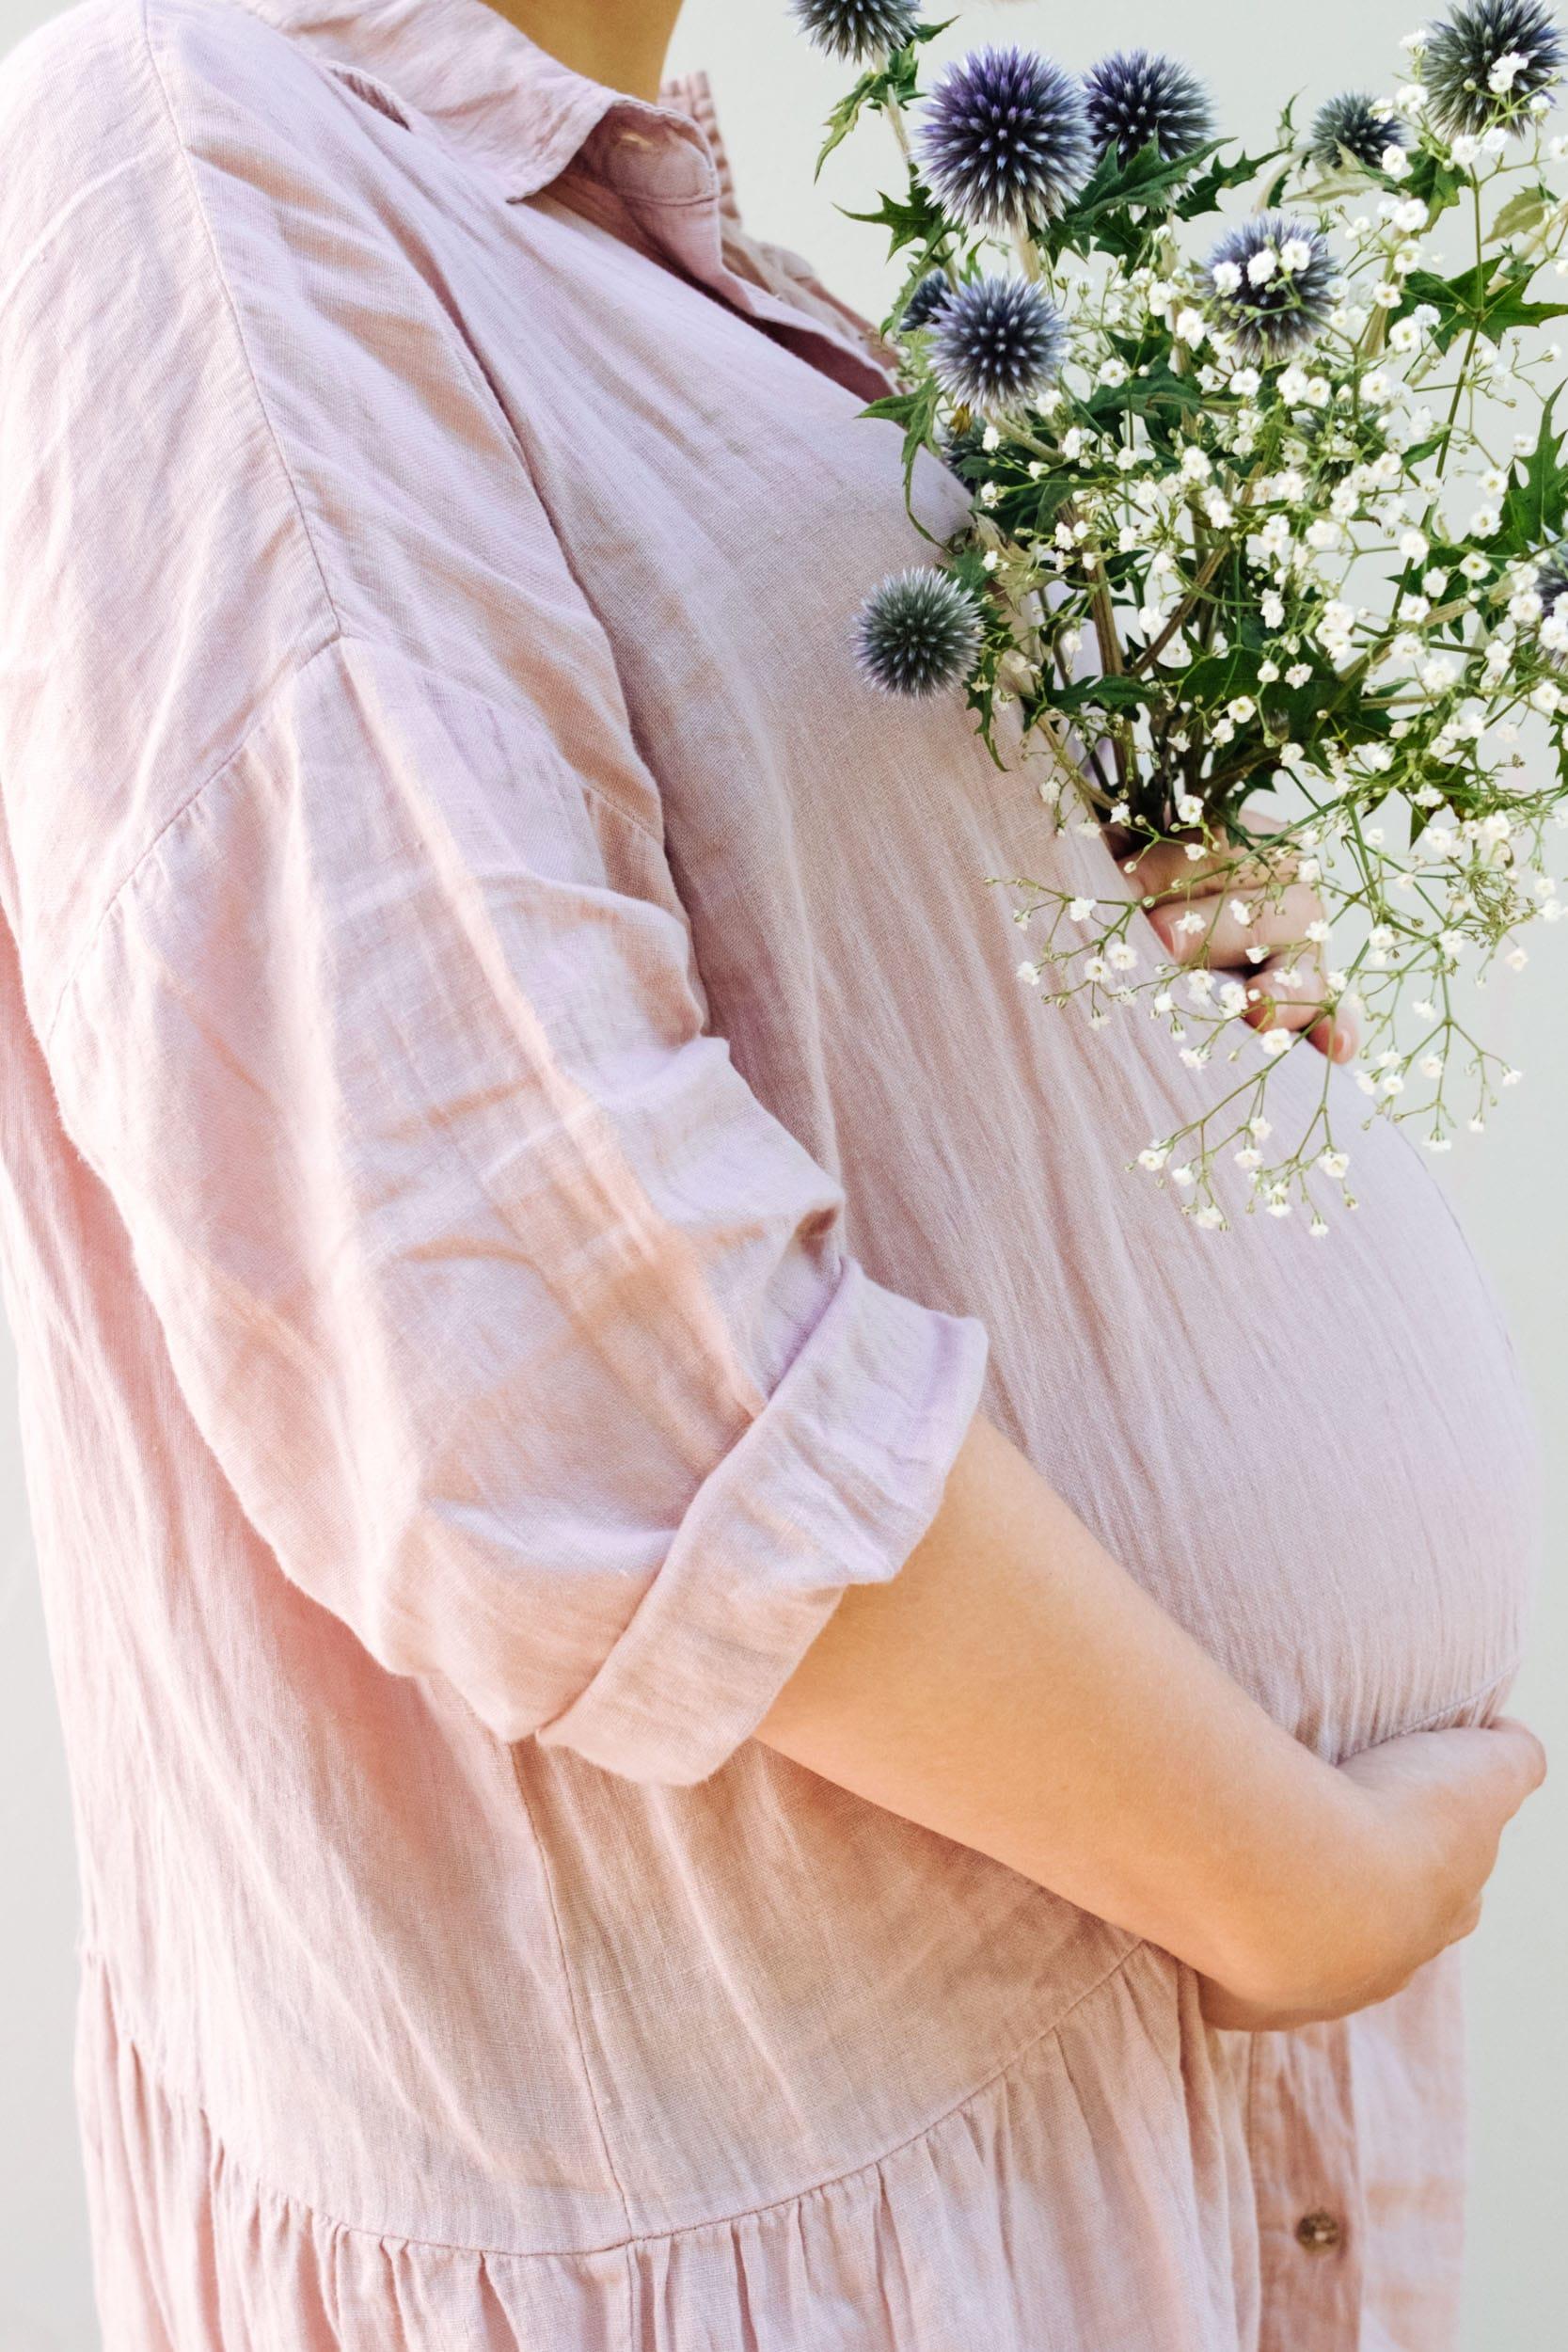 Schwangerschaftsupdate 25. SSW | Schwanger mit dem zweiten Kind | Babybauch